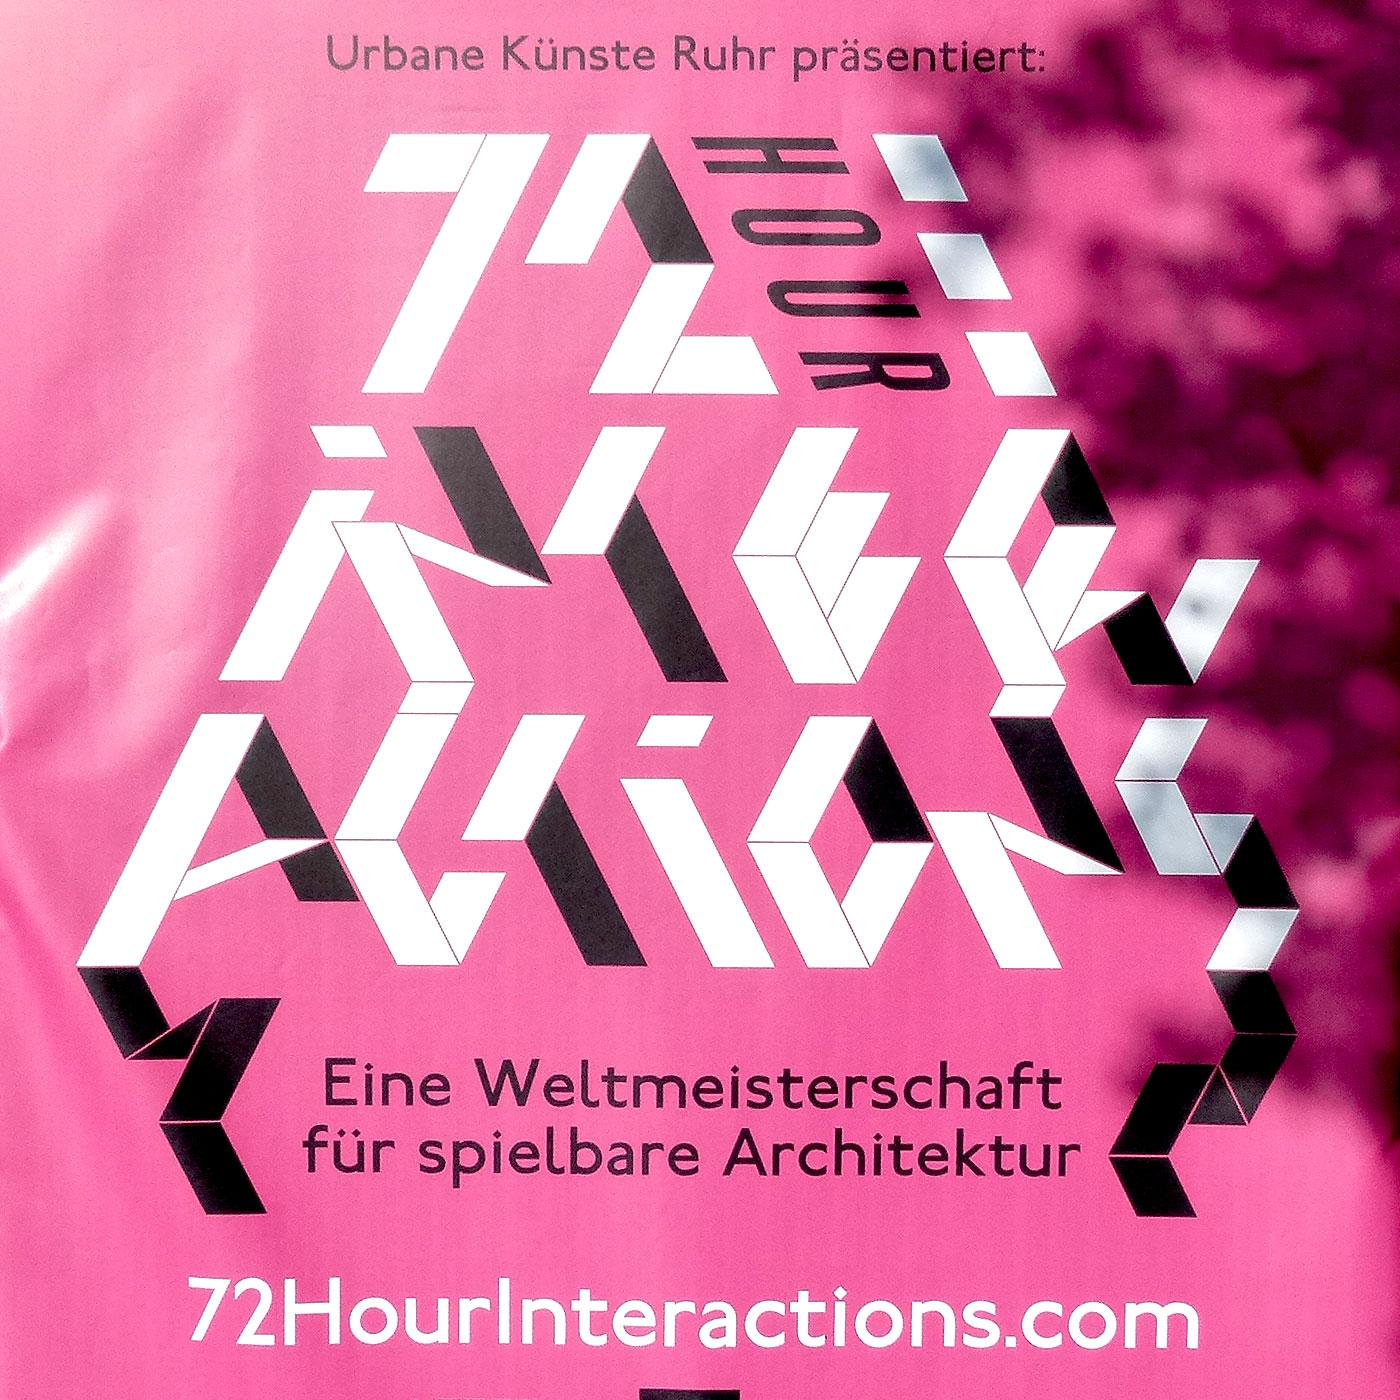 72 Hour Interactions in Witten